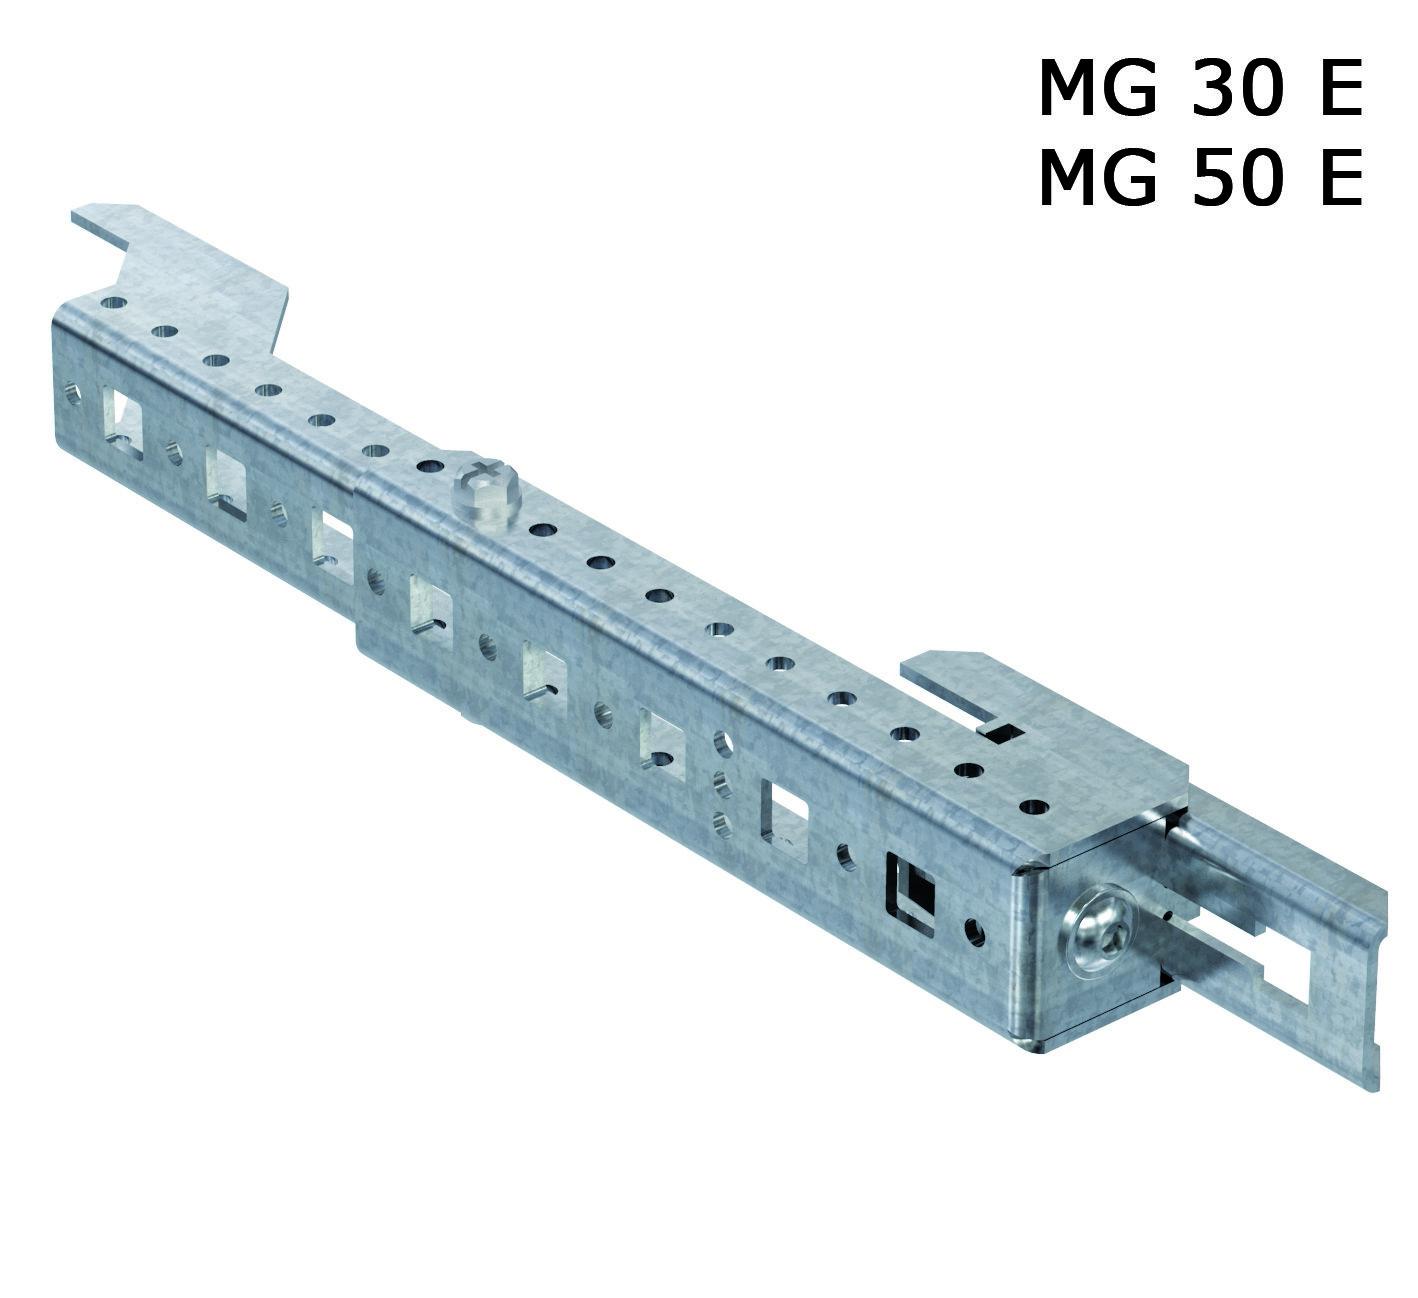 Рейка монтажная распорная, 4 шт. (MG 50 E)